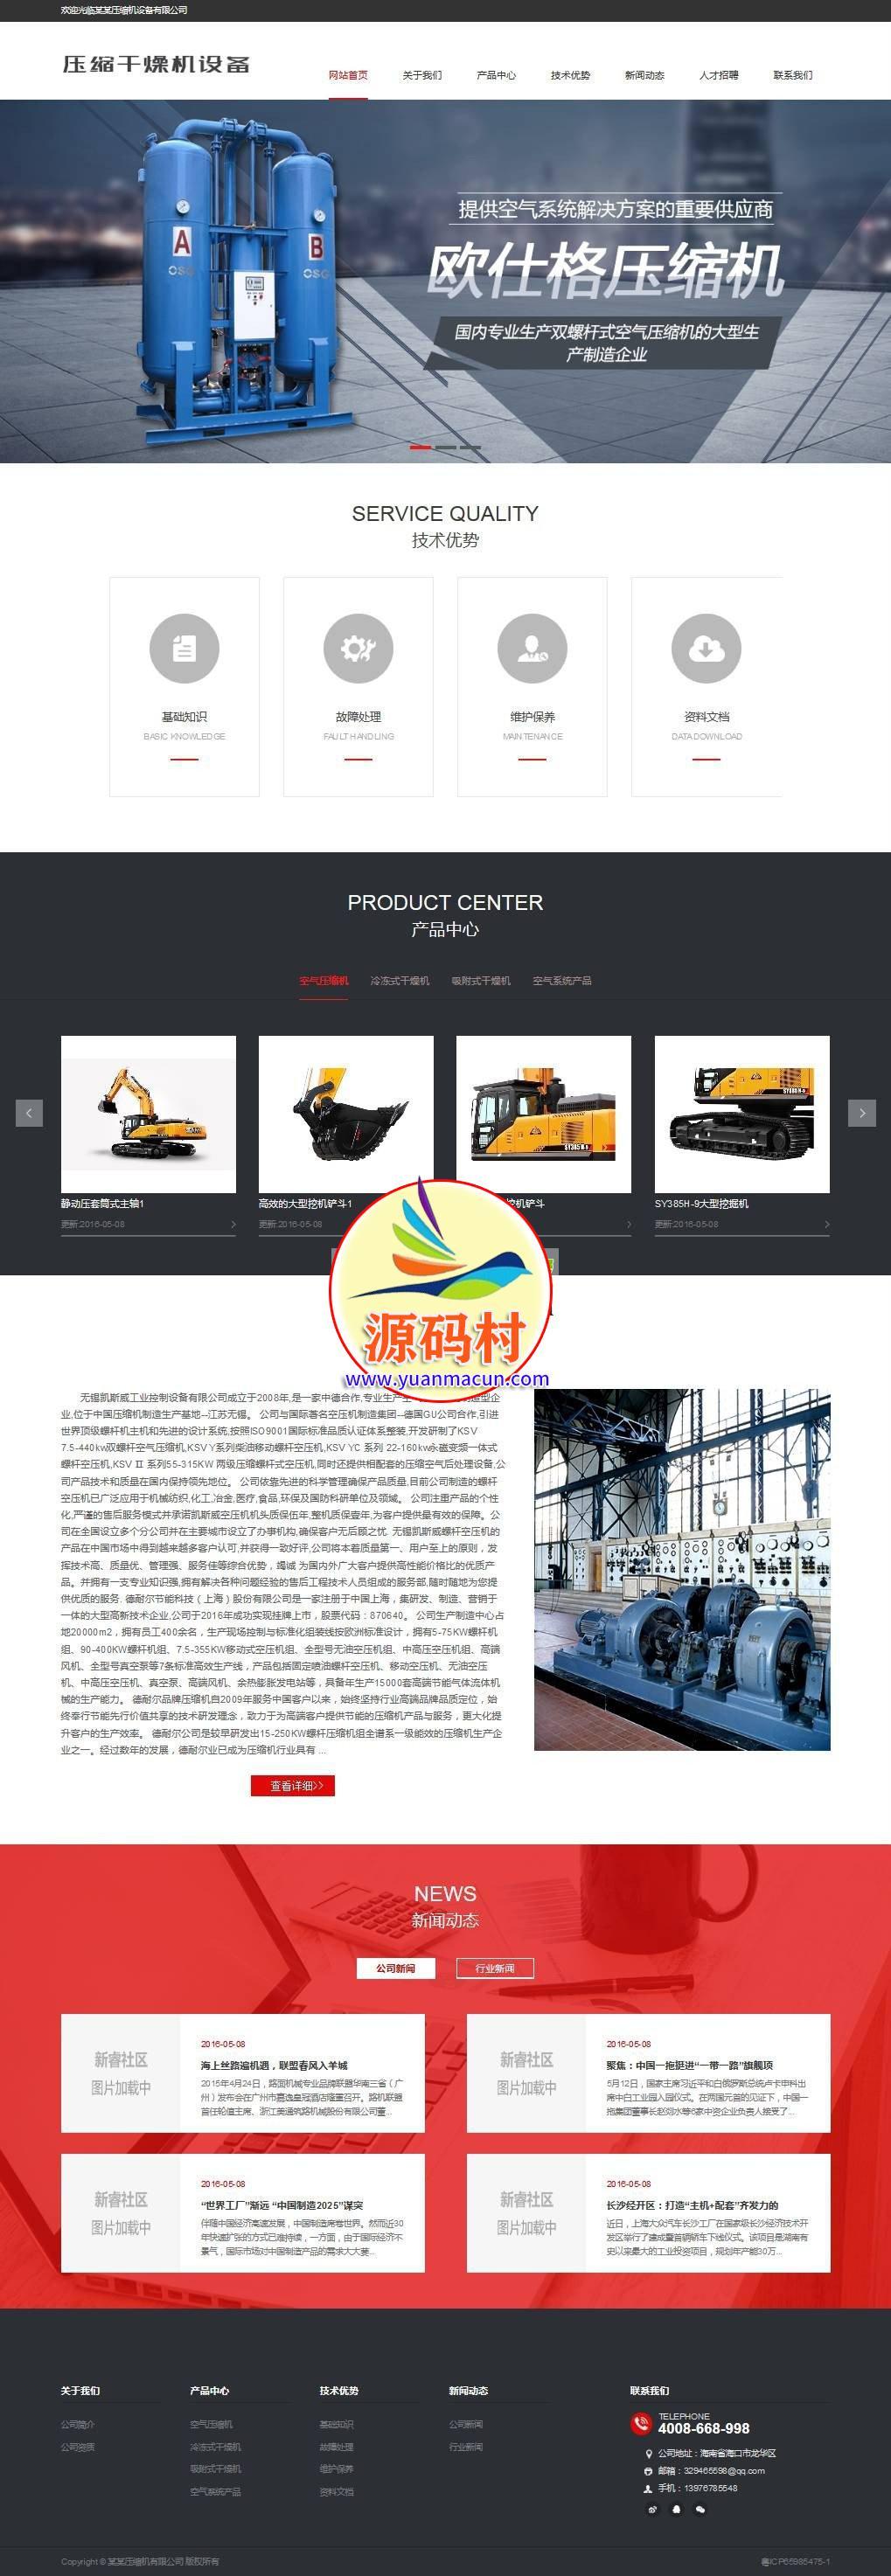 dedecms织梦响应式压缩干燥机设备类网站源码(自适应手机端)干燥机设备公司整站源码下载